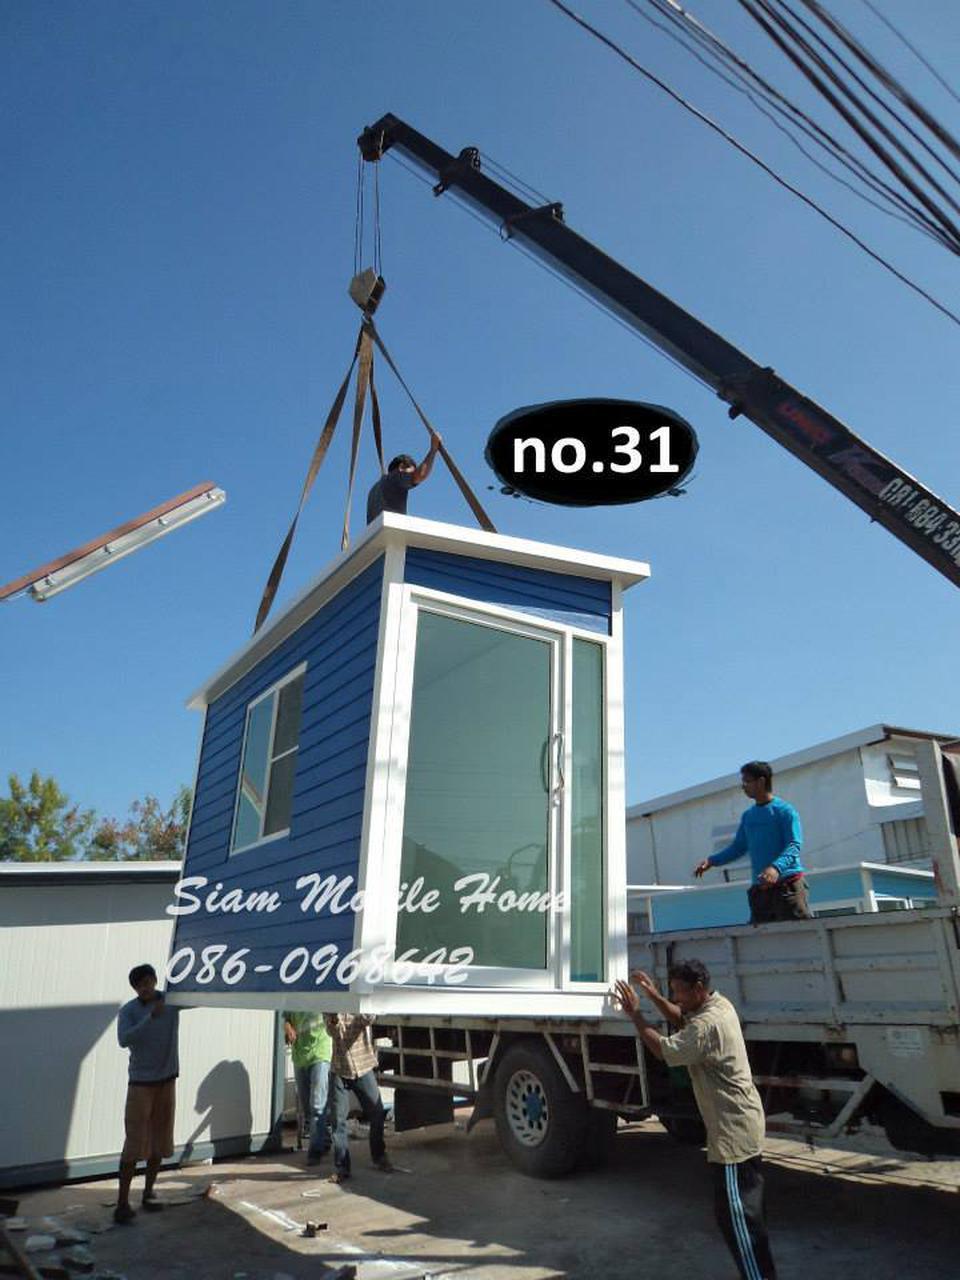 บ้านสำเร็จรูป ออฟฟิตสำเร็จรูปเคลื่อนย้ายได้ รูปที่ 2